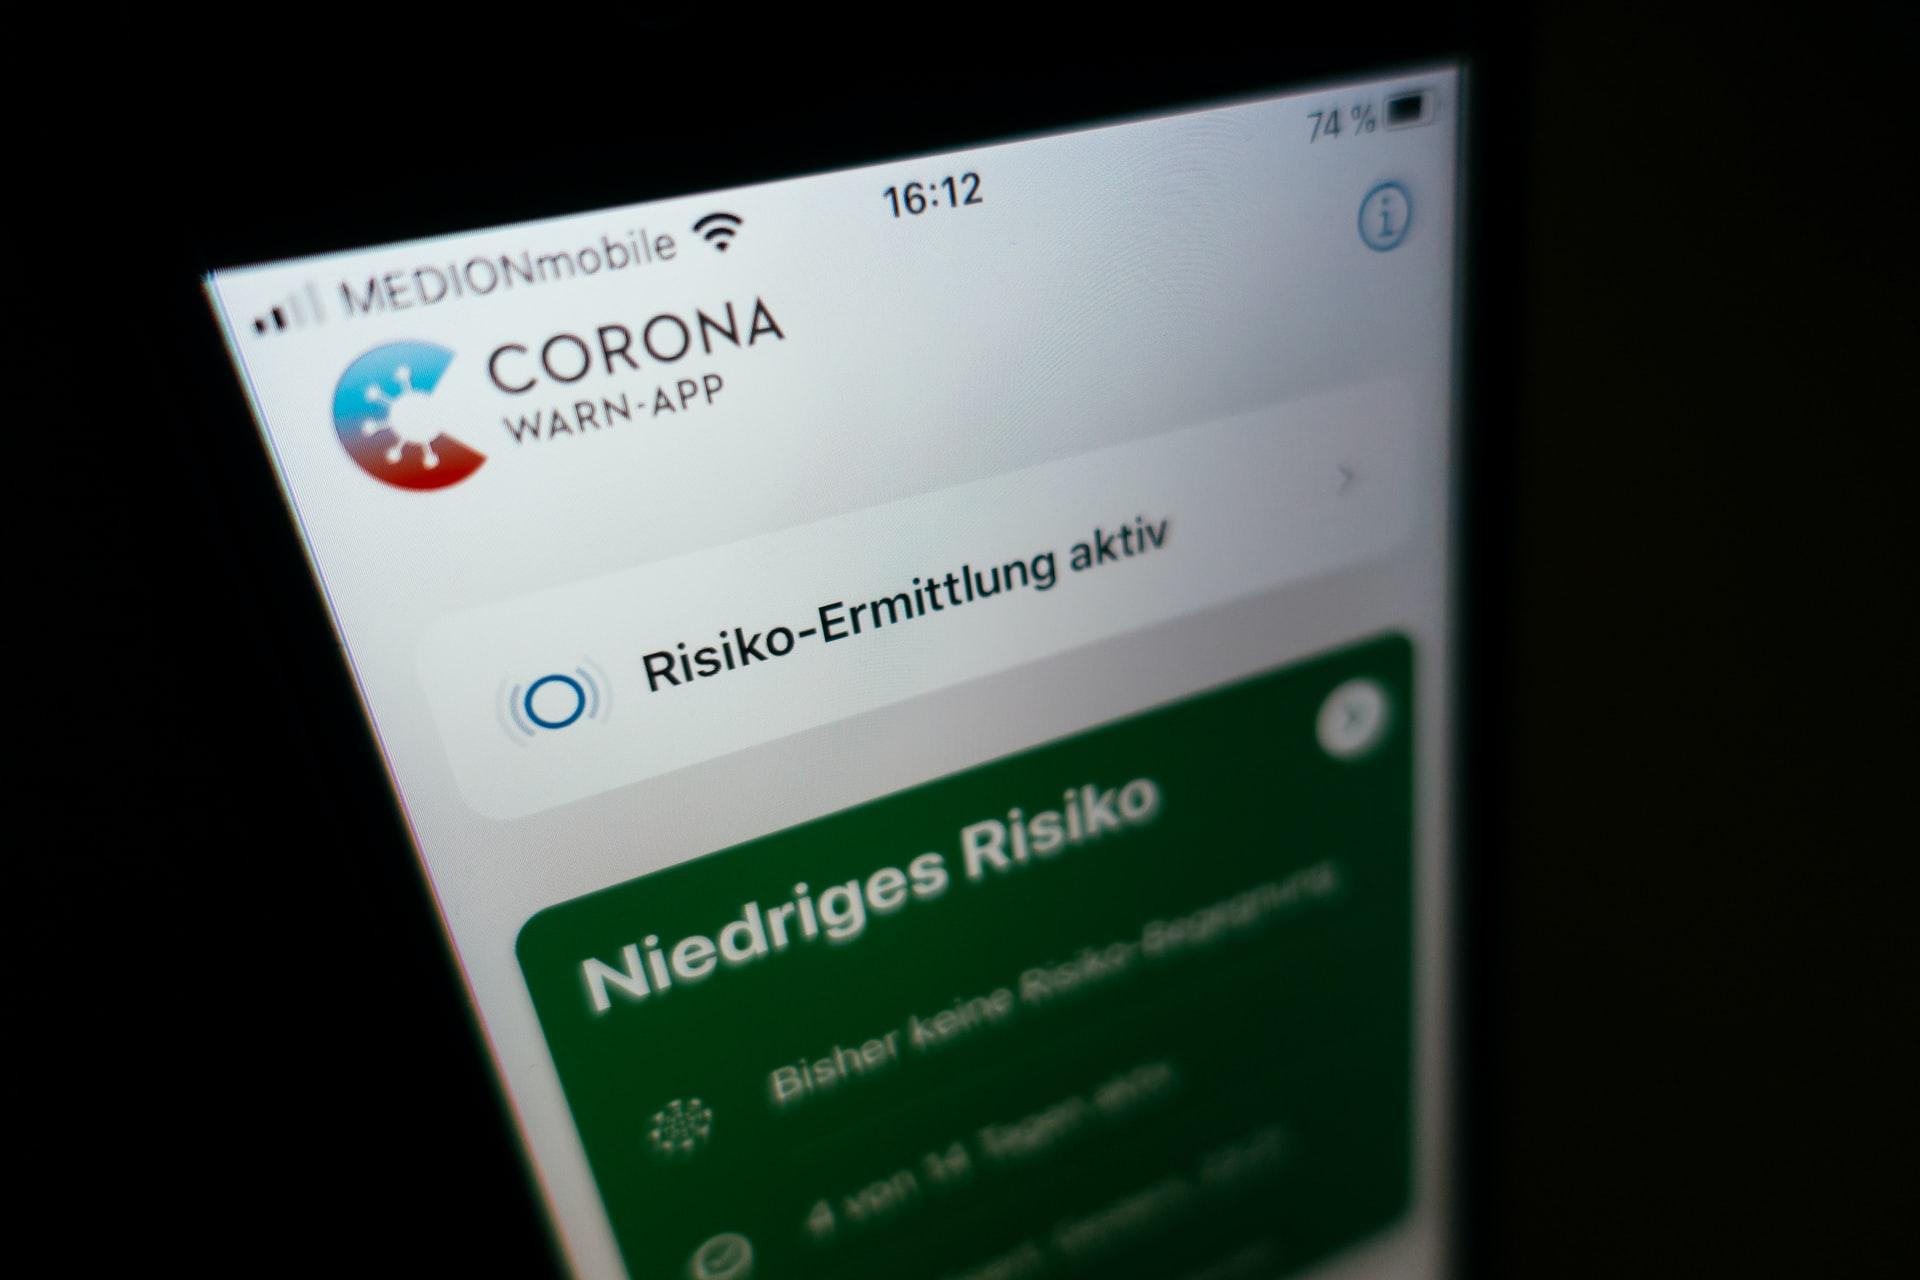 Wann fällt der Vorhang der Anonymität in der Corona-Warn-App?